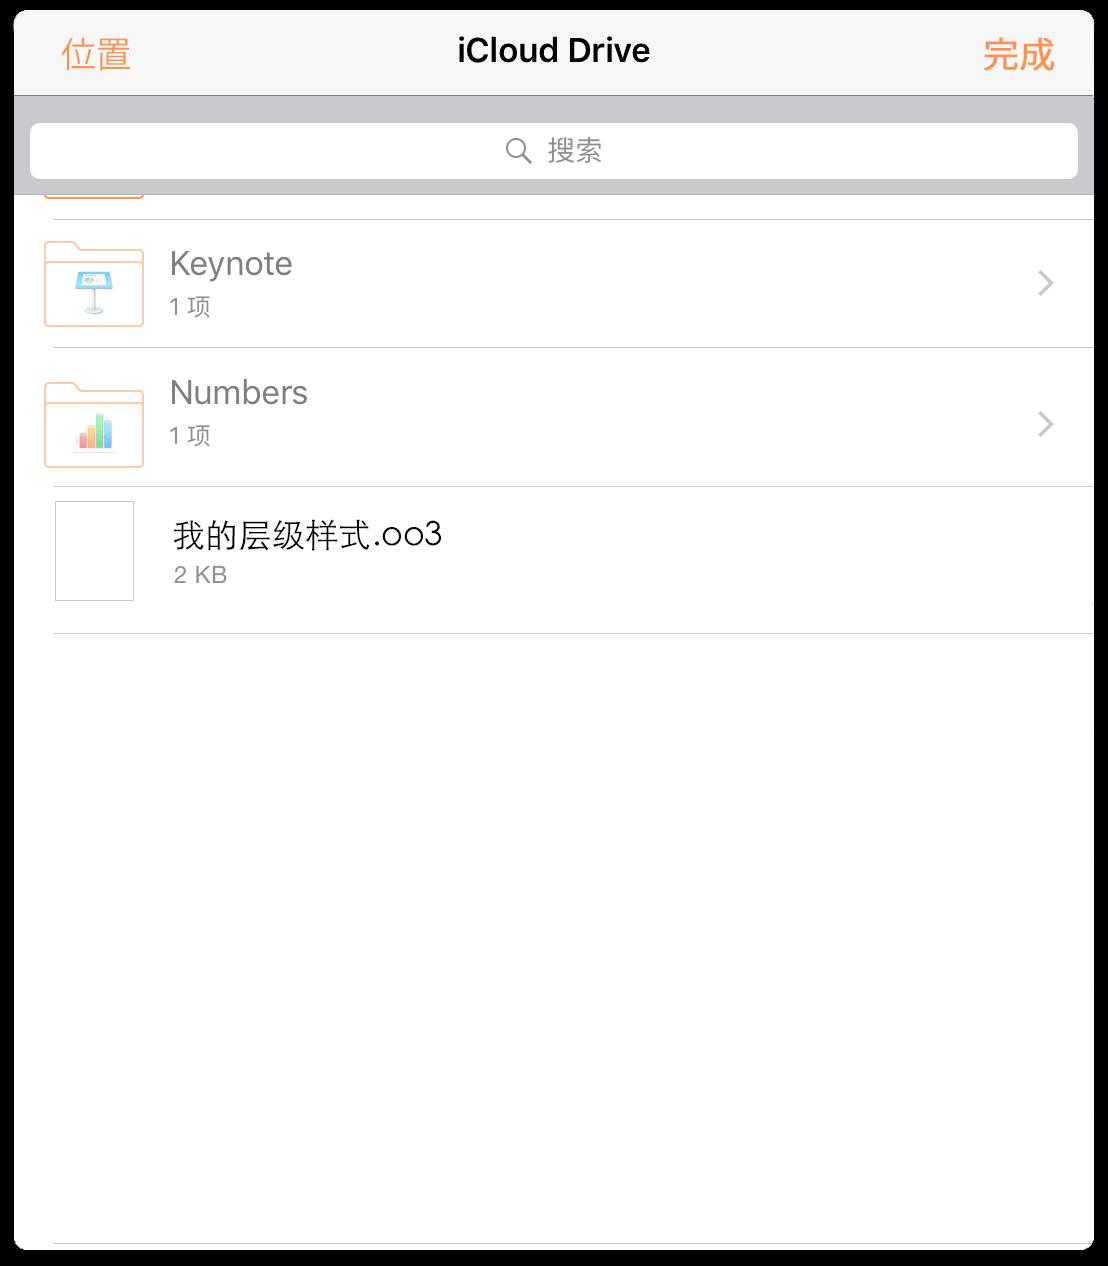 位置屏幕使您可以访问存储在云中的文件